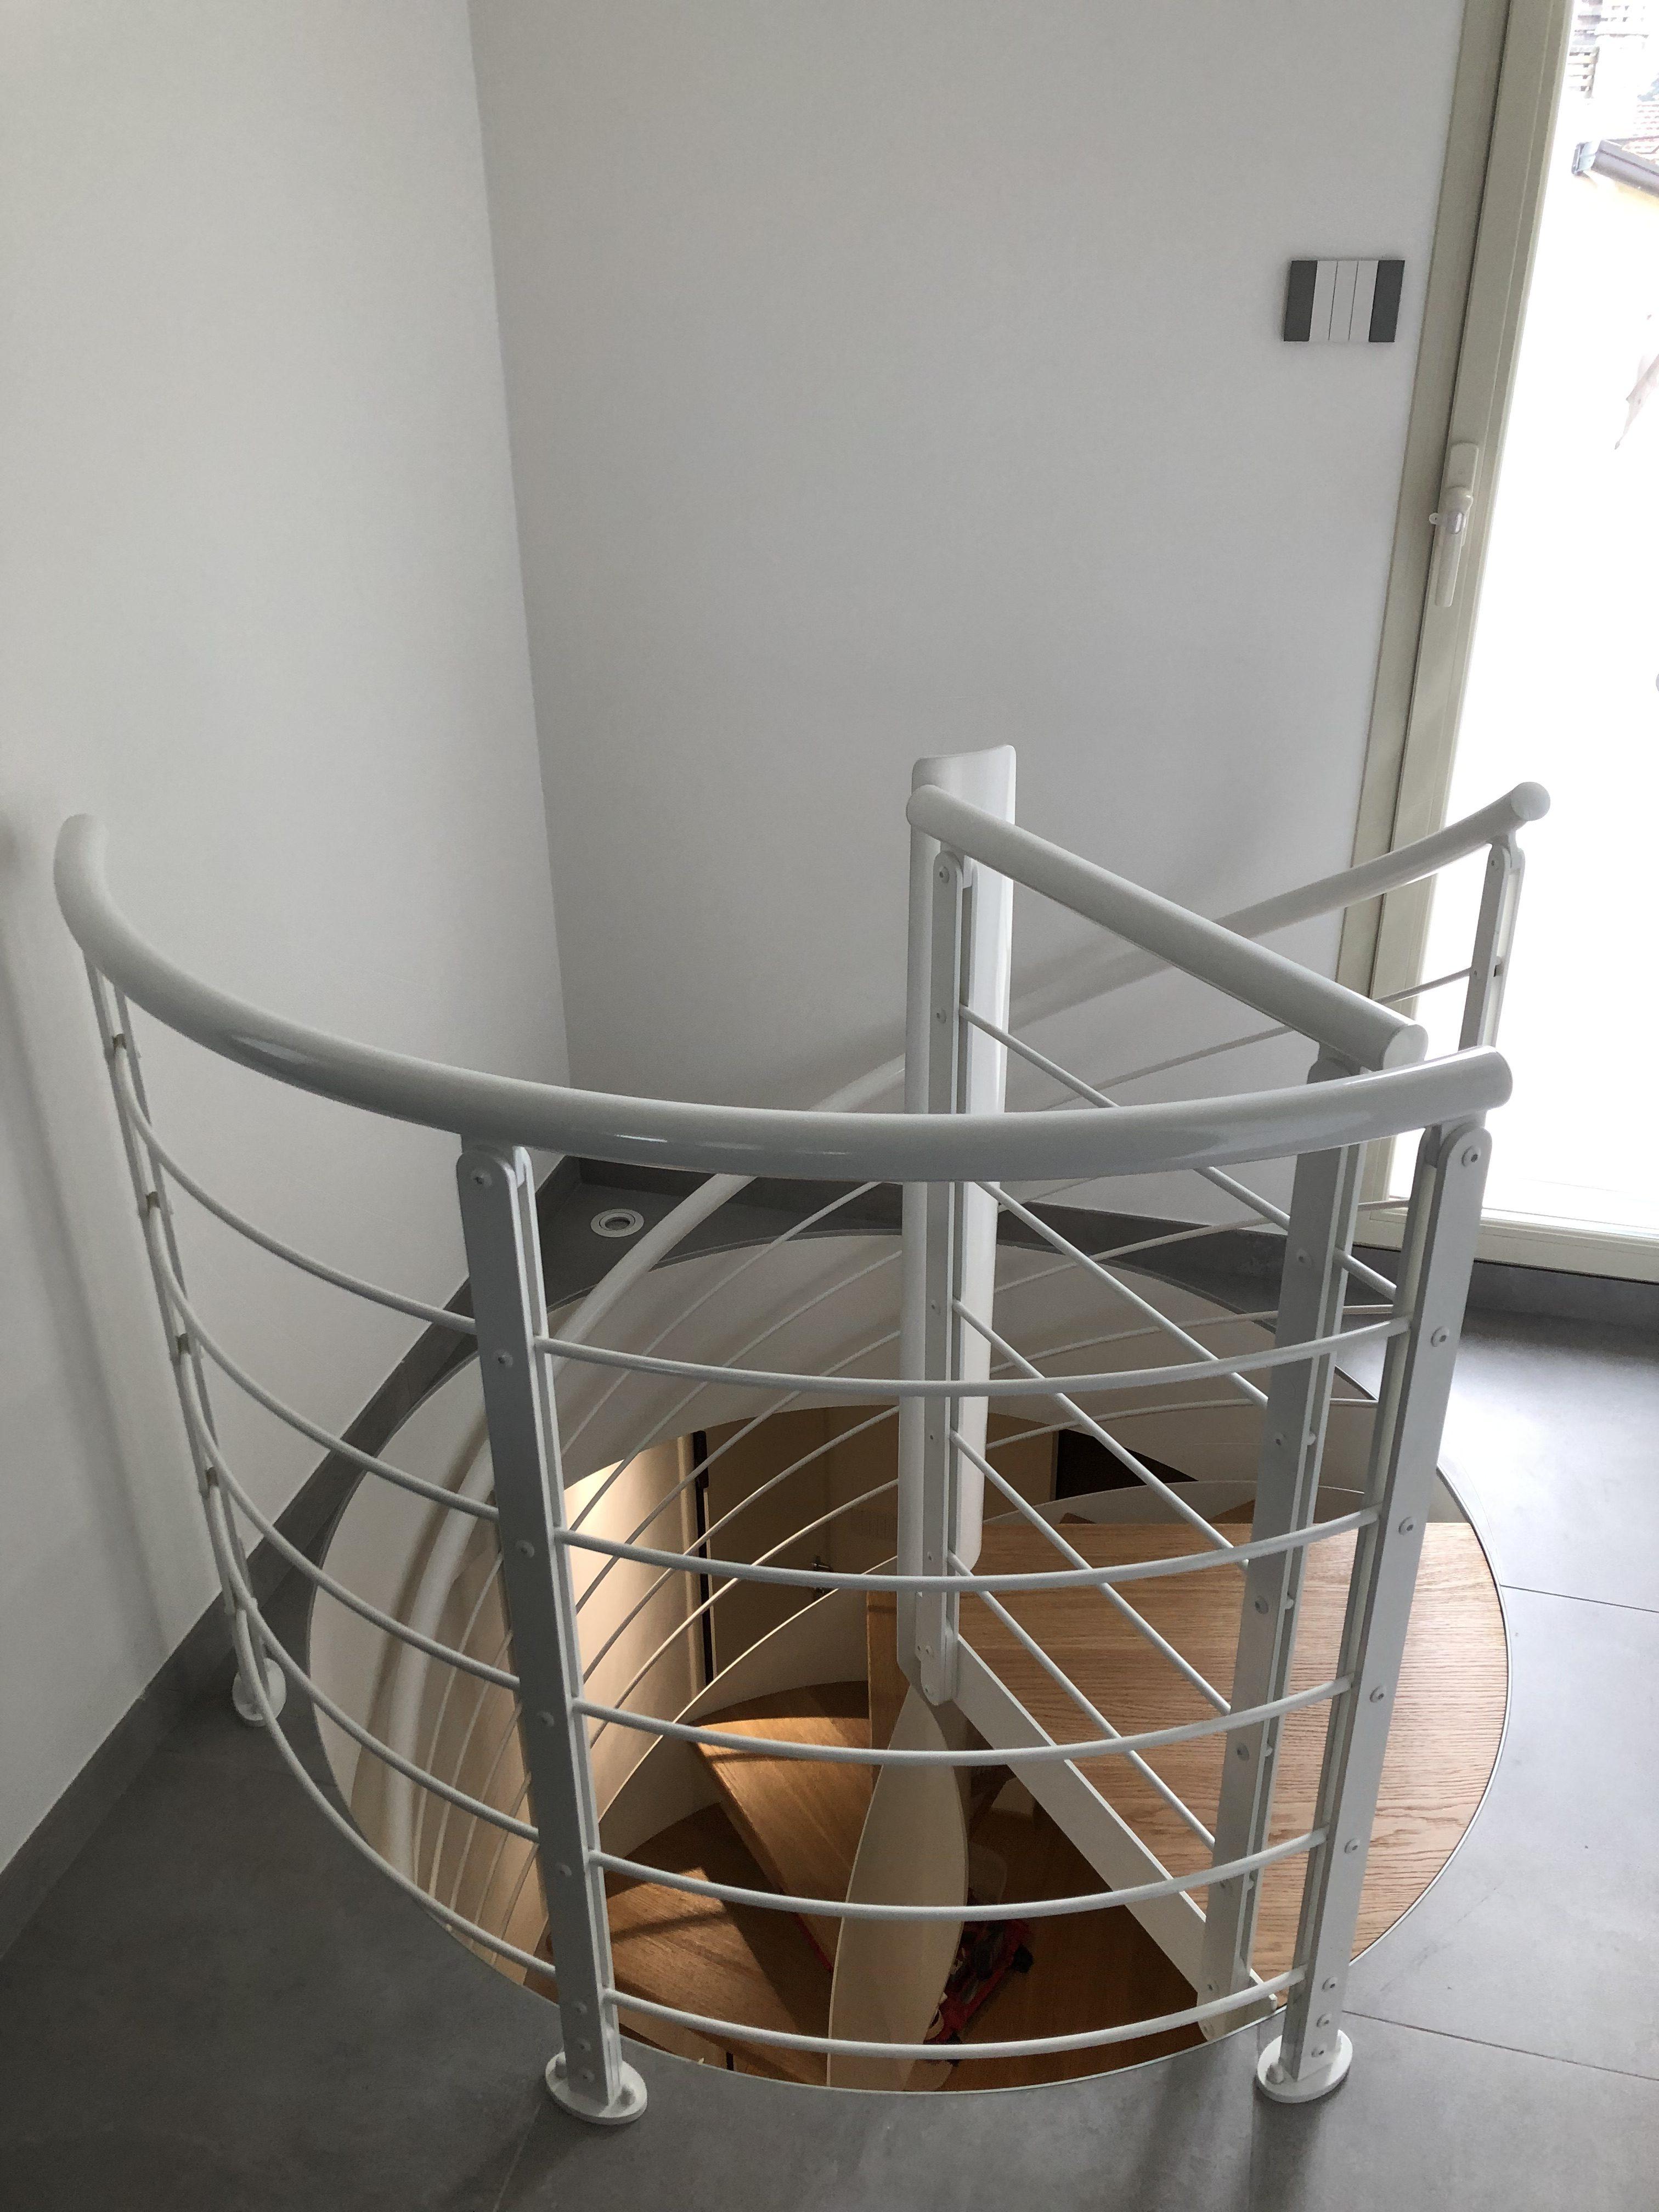 Balaustra su scala elicoidale